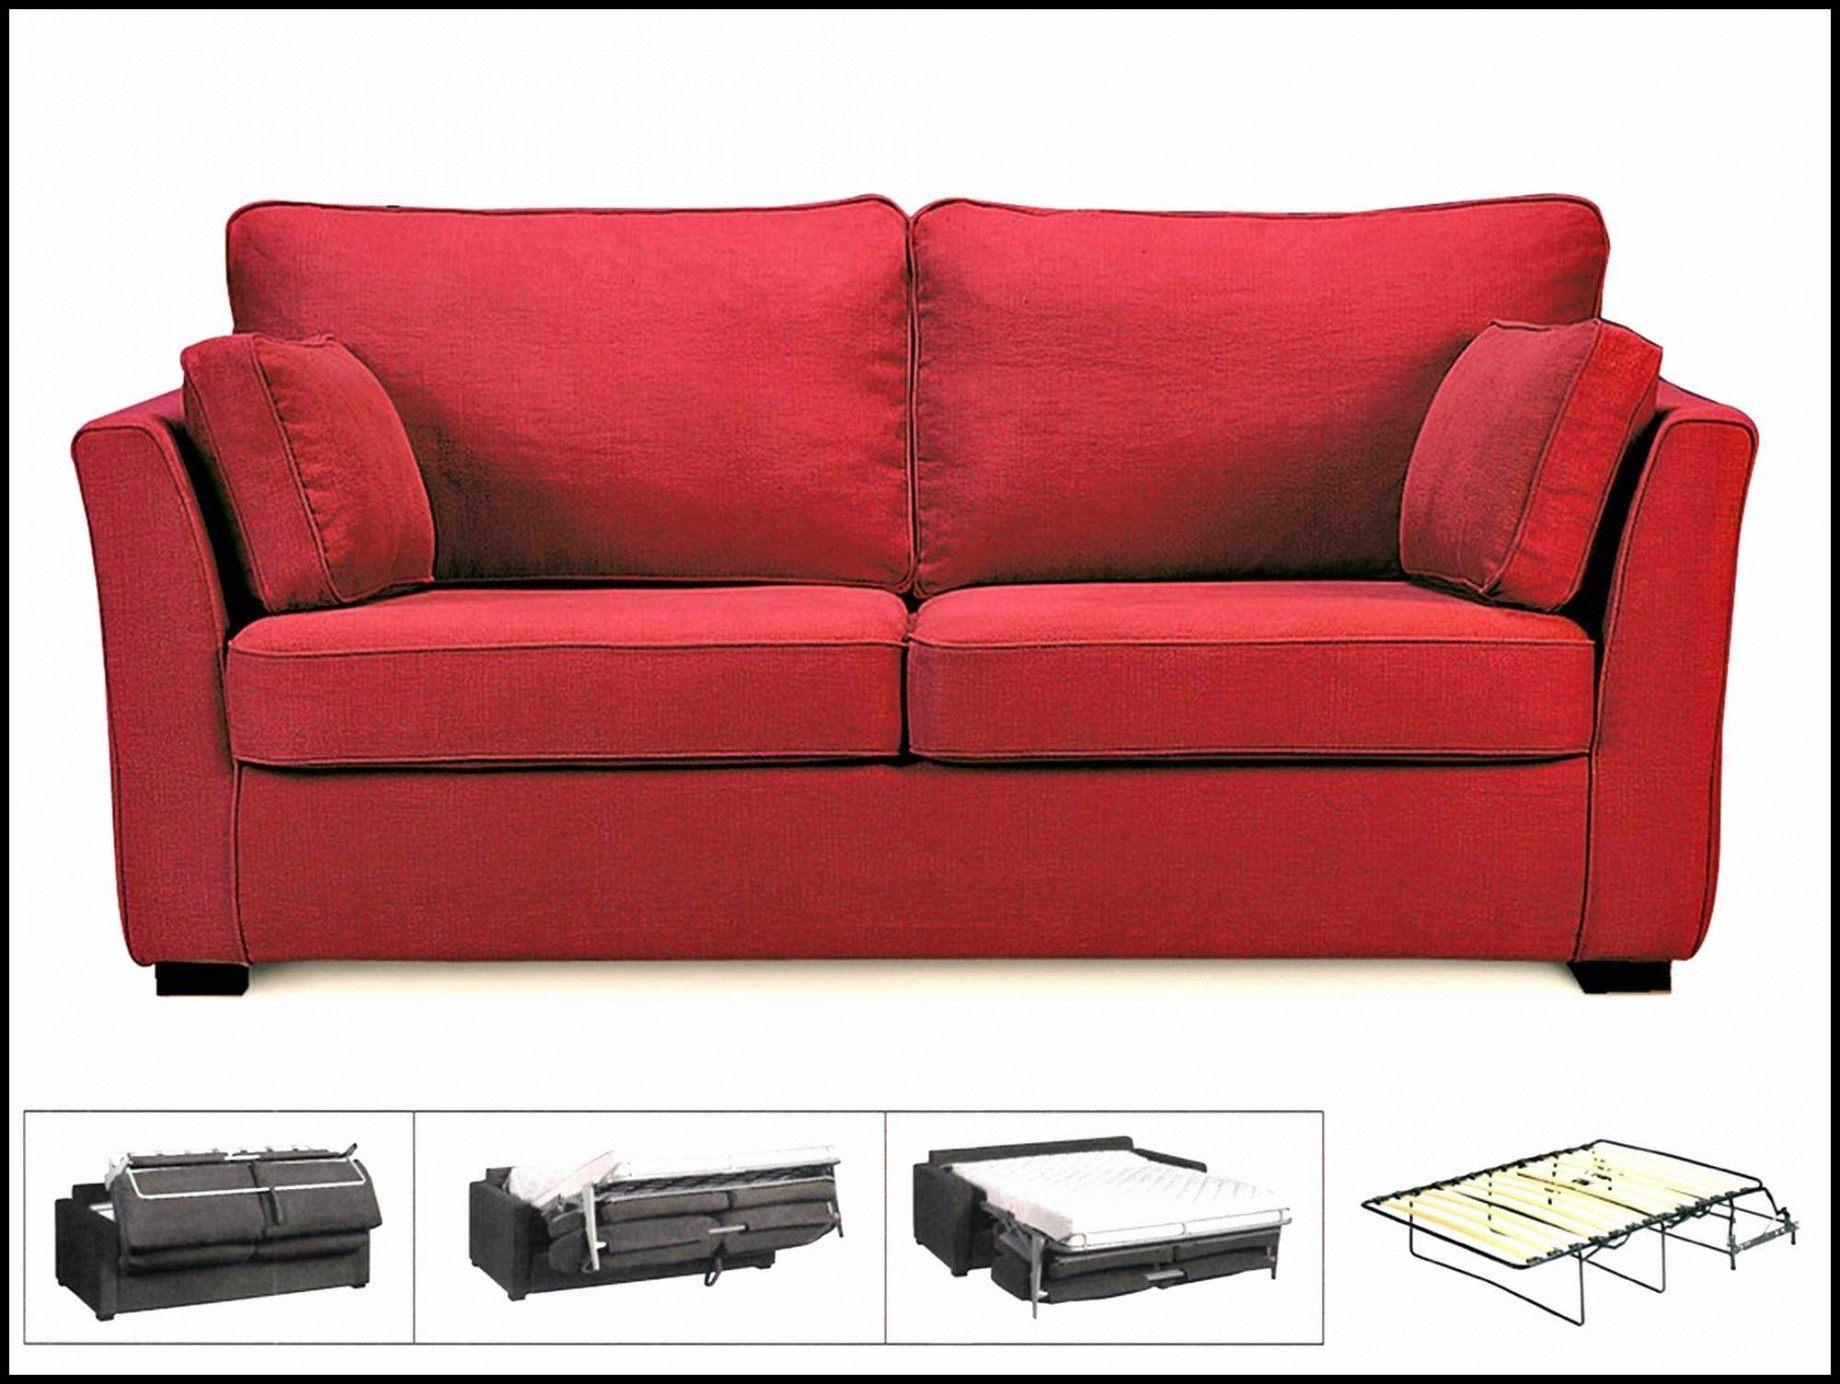 canap lit convertible couchage quotidien fra che frais. Black Bedroom Furniture Sets. Home Design Ideas